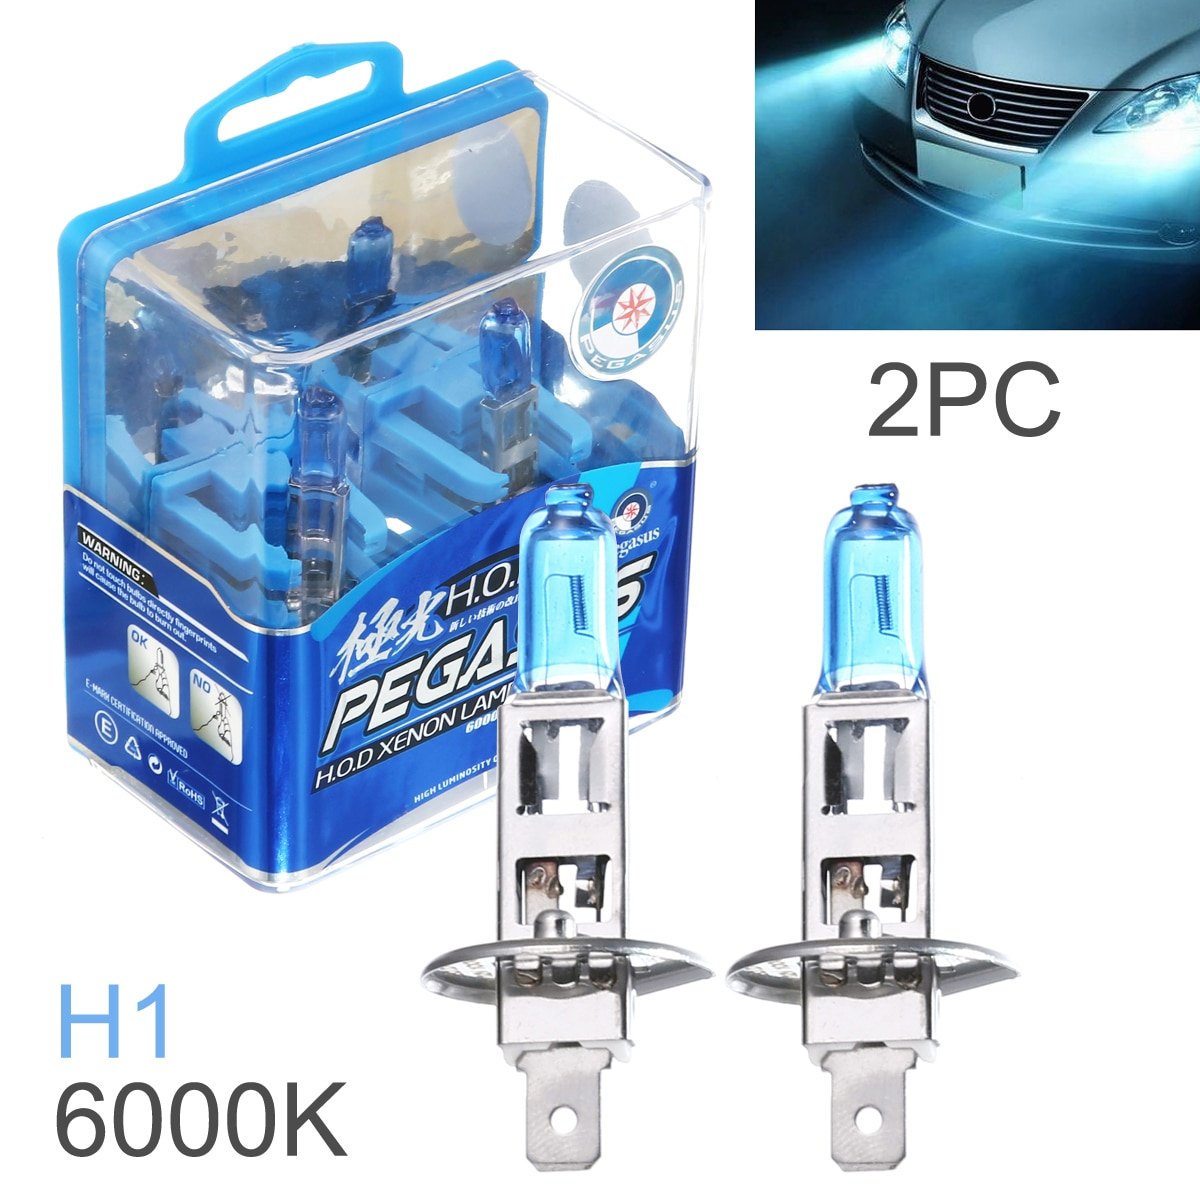 2 шт. Универсальный H1 H3 100 Вт 6000 К белый светильник супер яркий автомобильный HOD галогенная лампа авто передний головной светильник противотуманная фара подходит для автомобилей